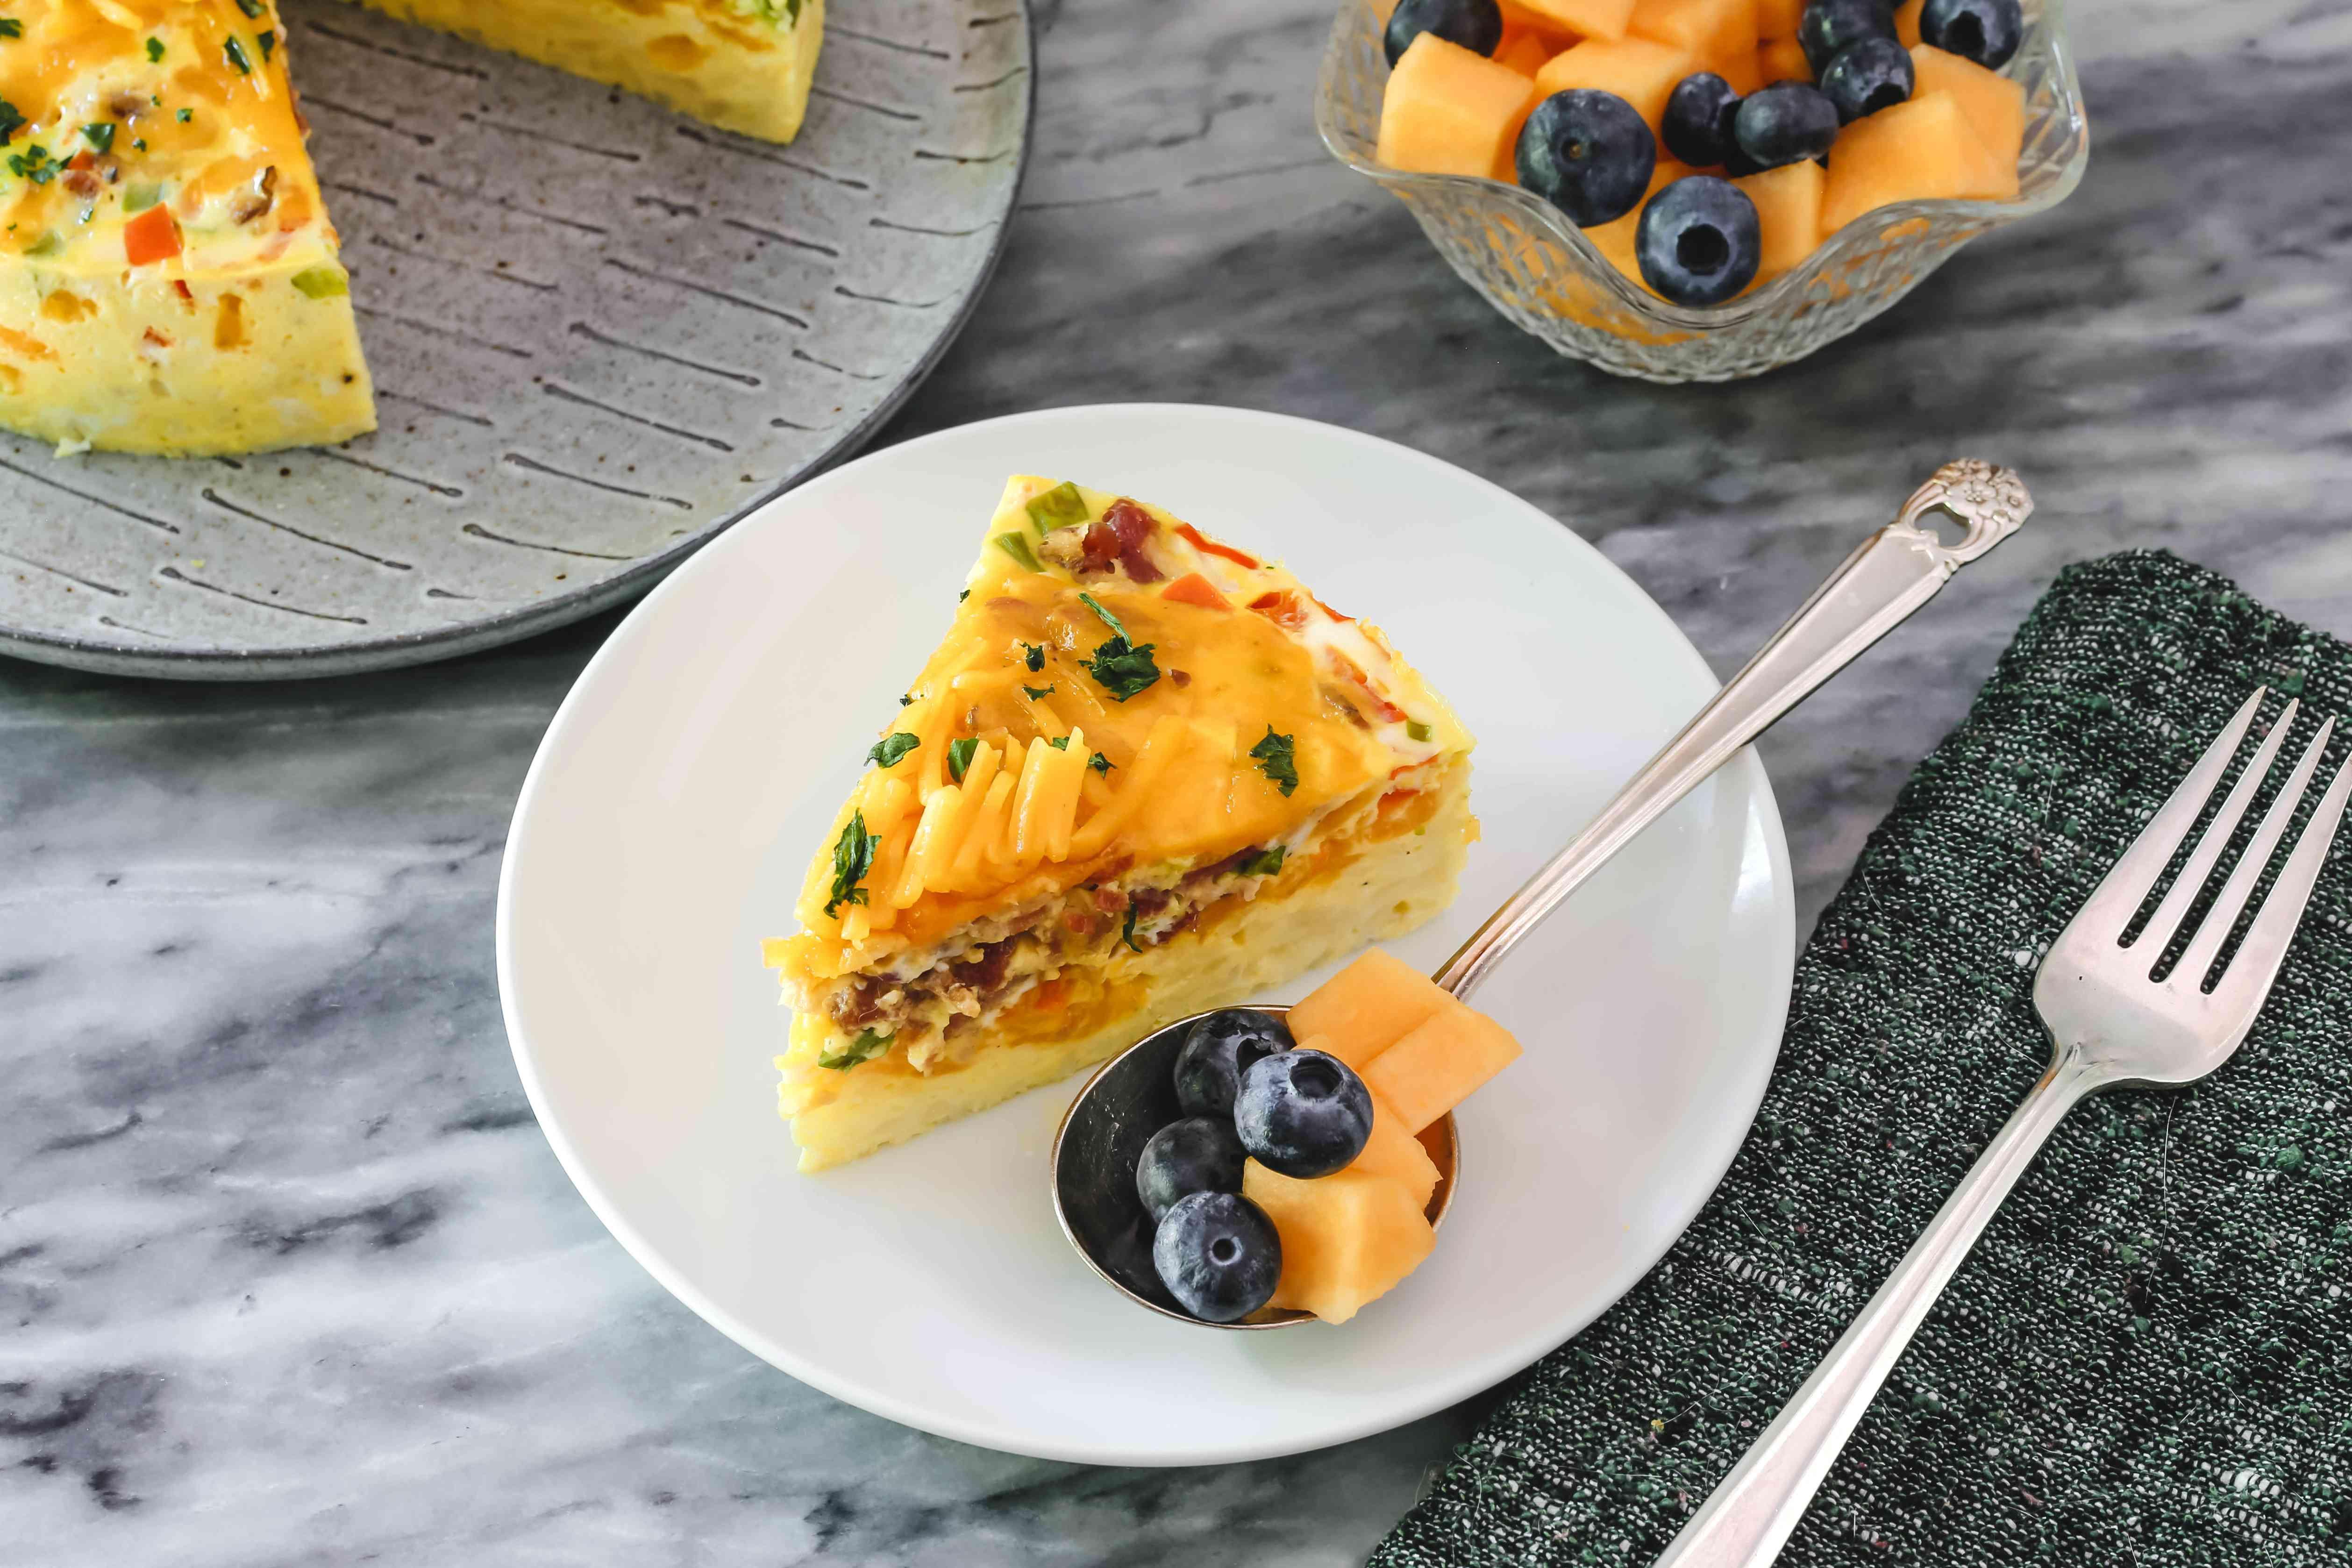 slice of breakfast casserole with fruit